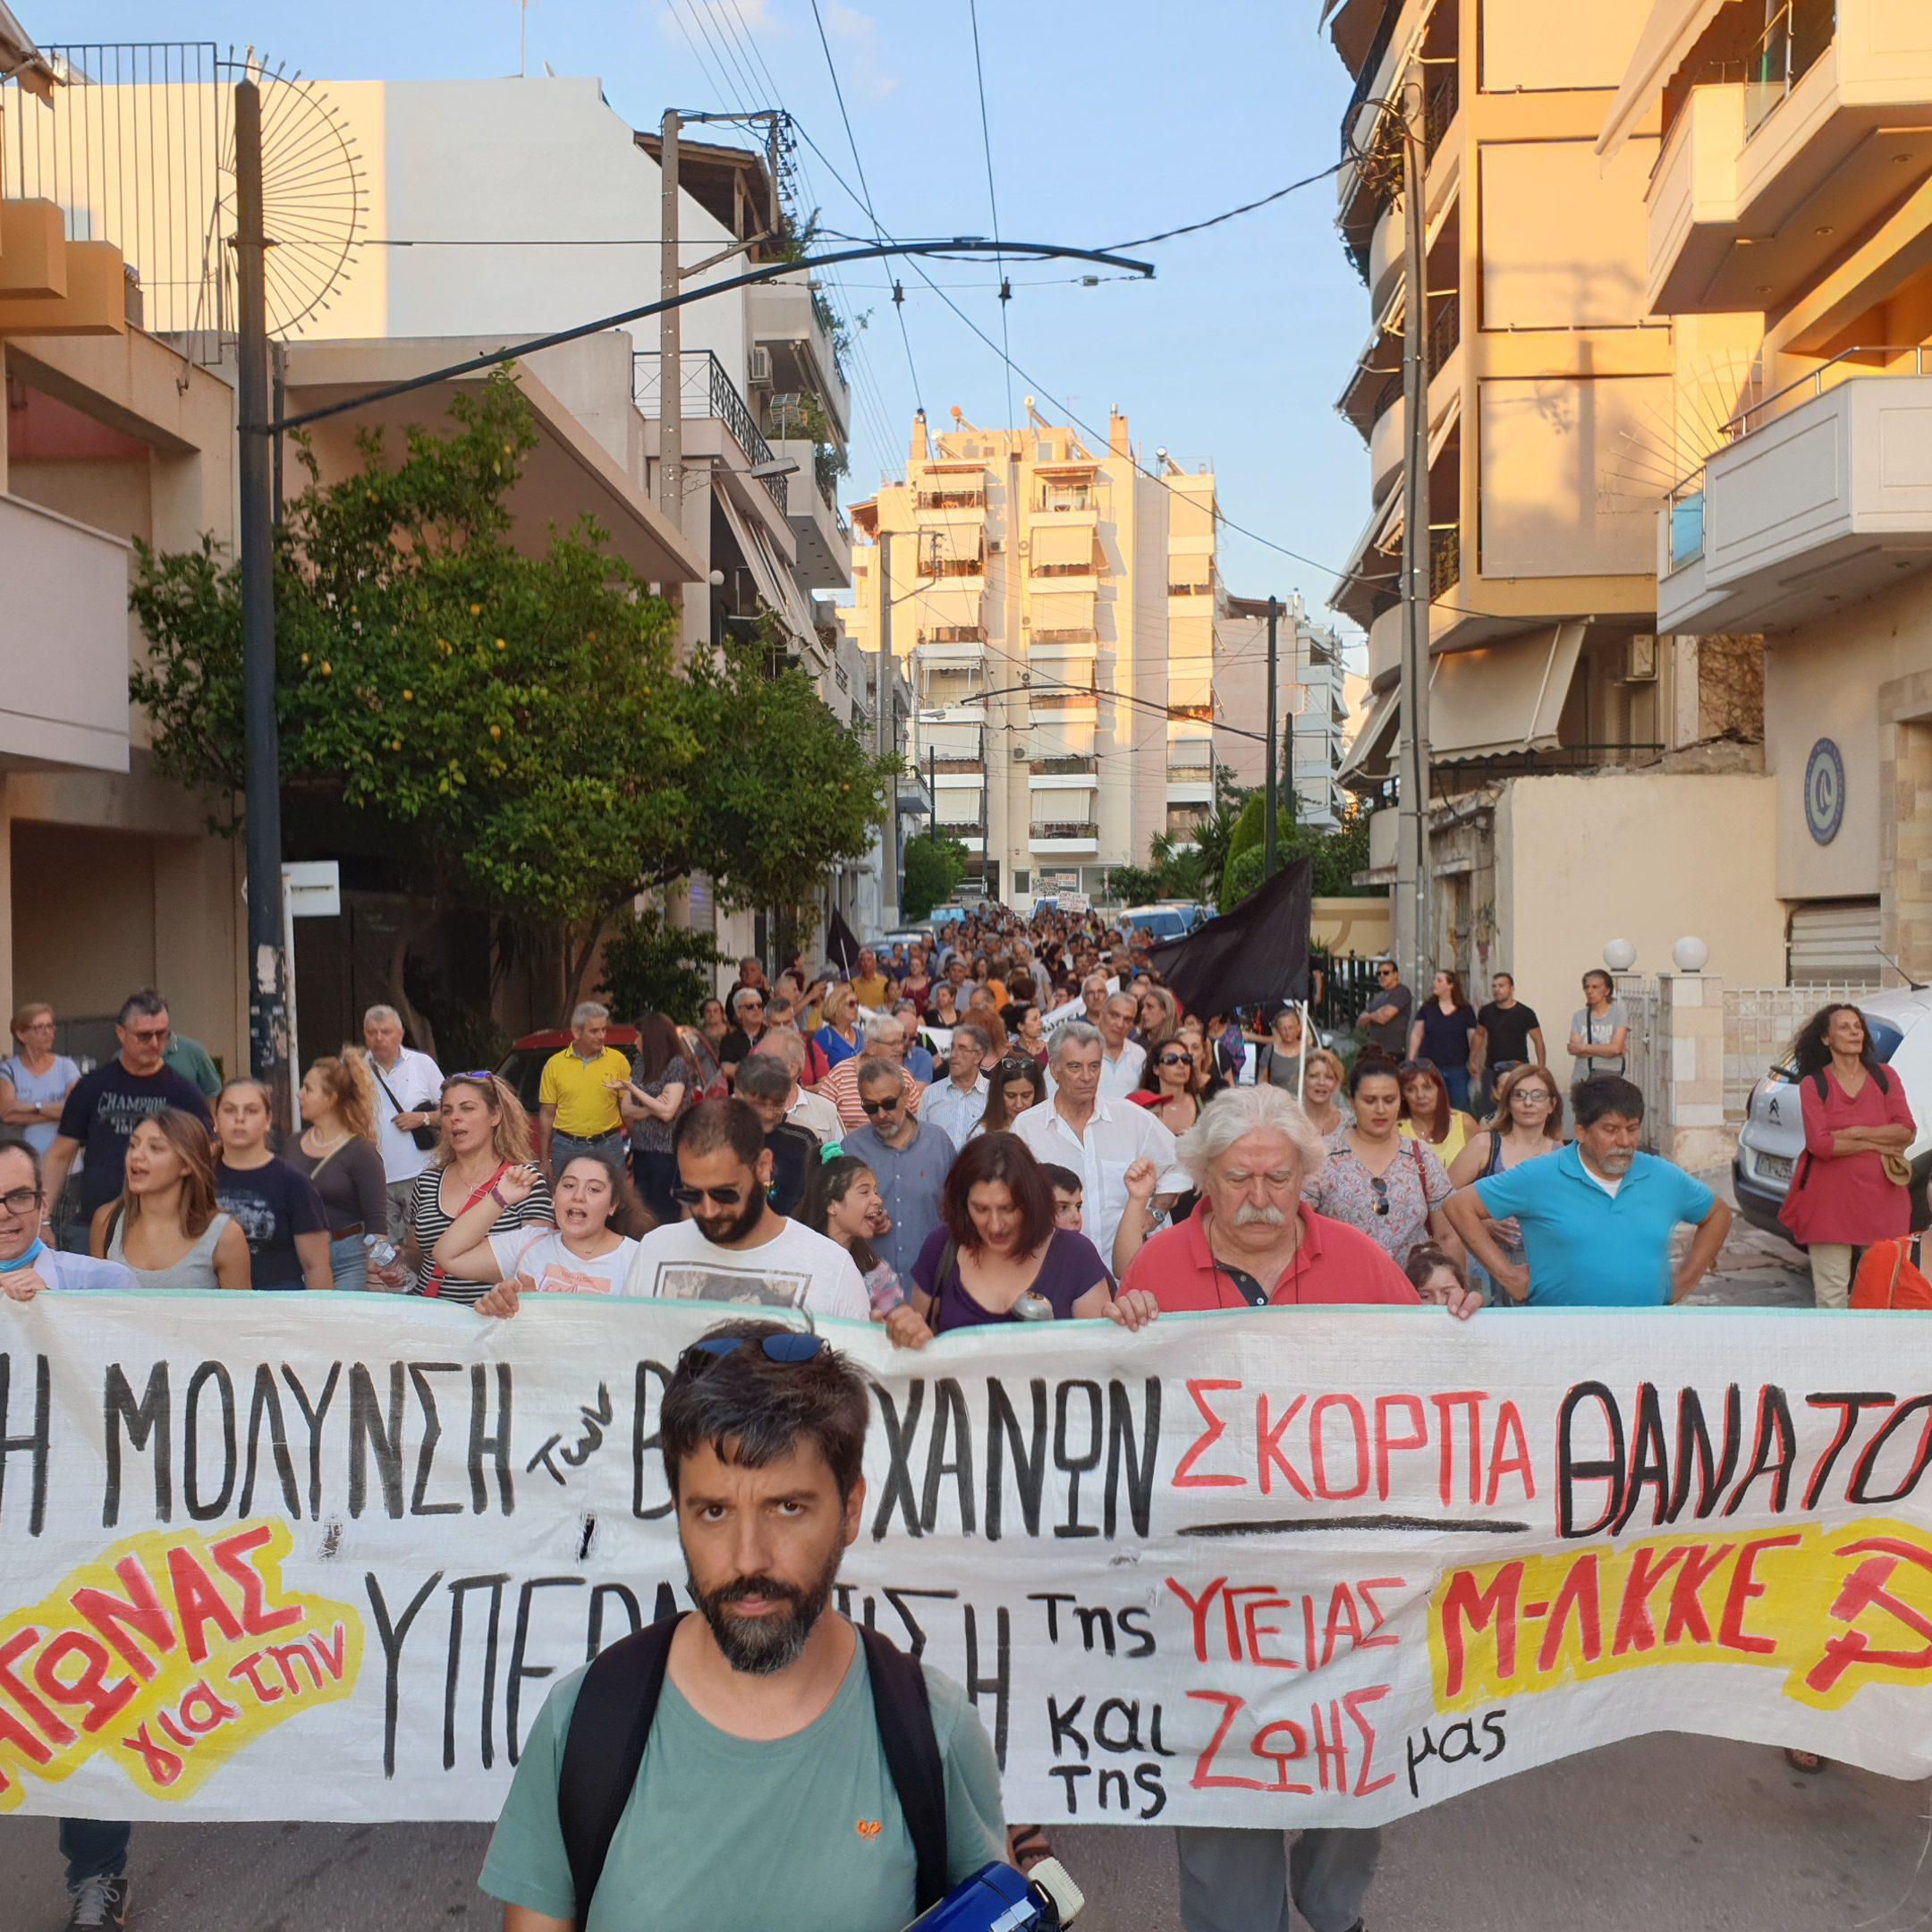 Πορεία - Παρωδία για τα καζάνια στην Δραπετσώνα!!!